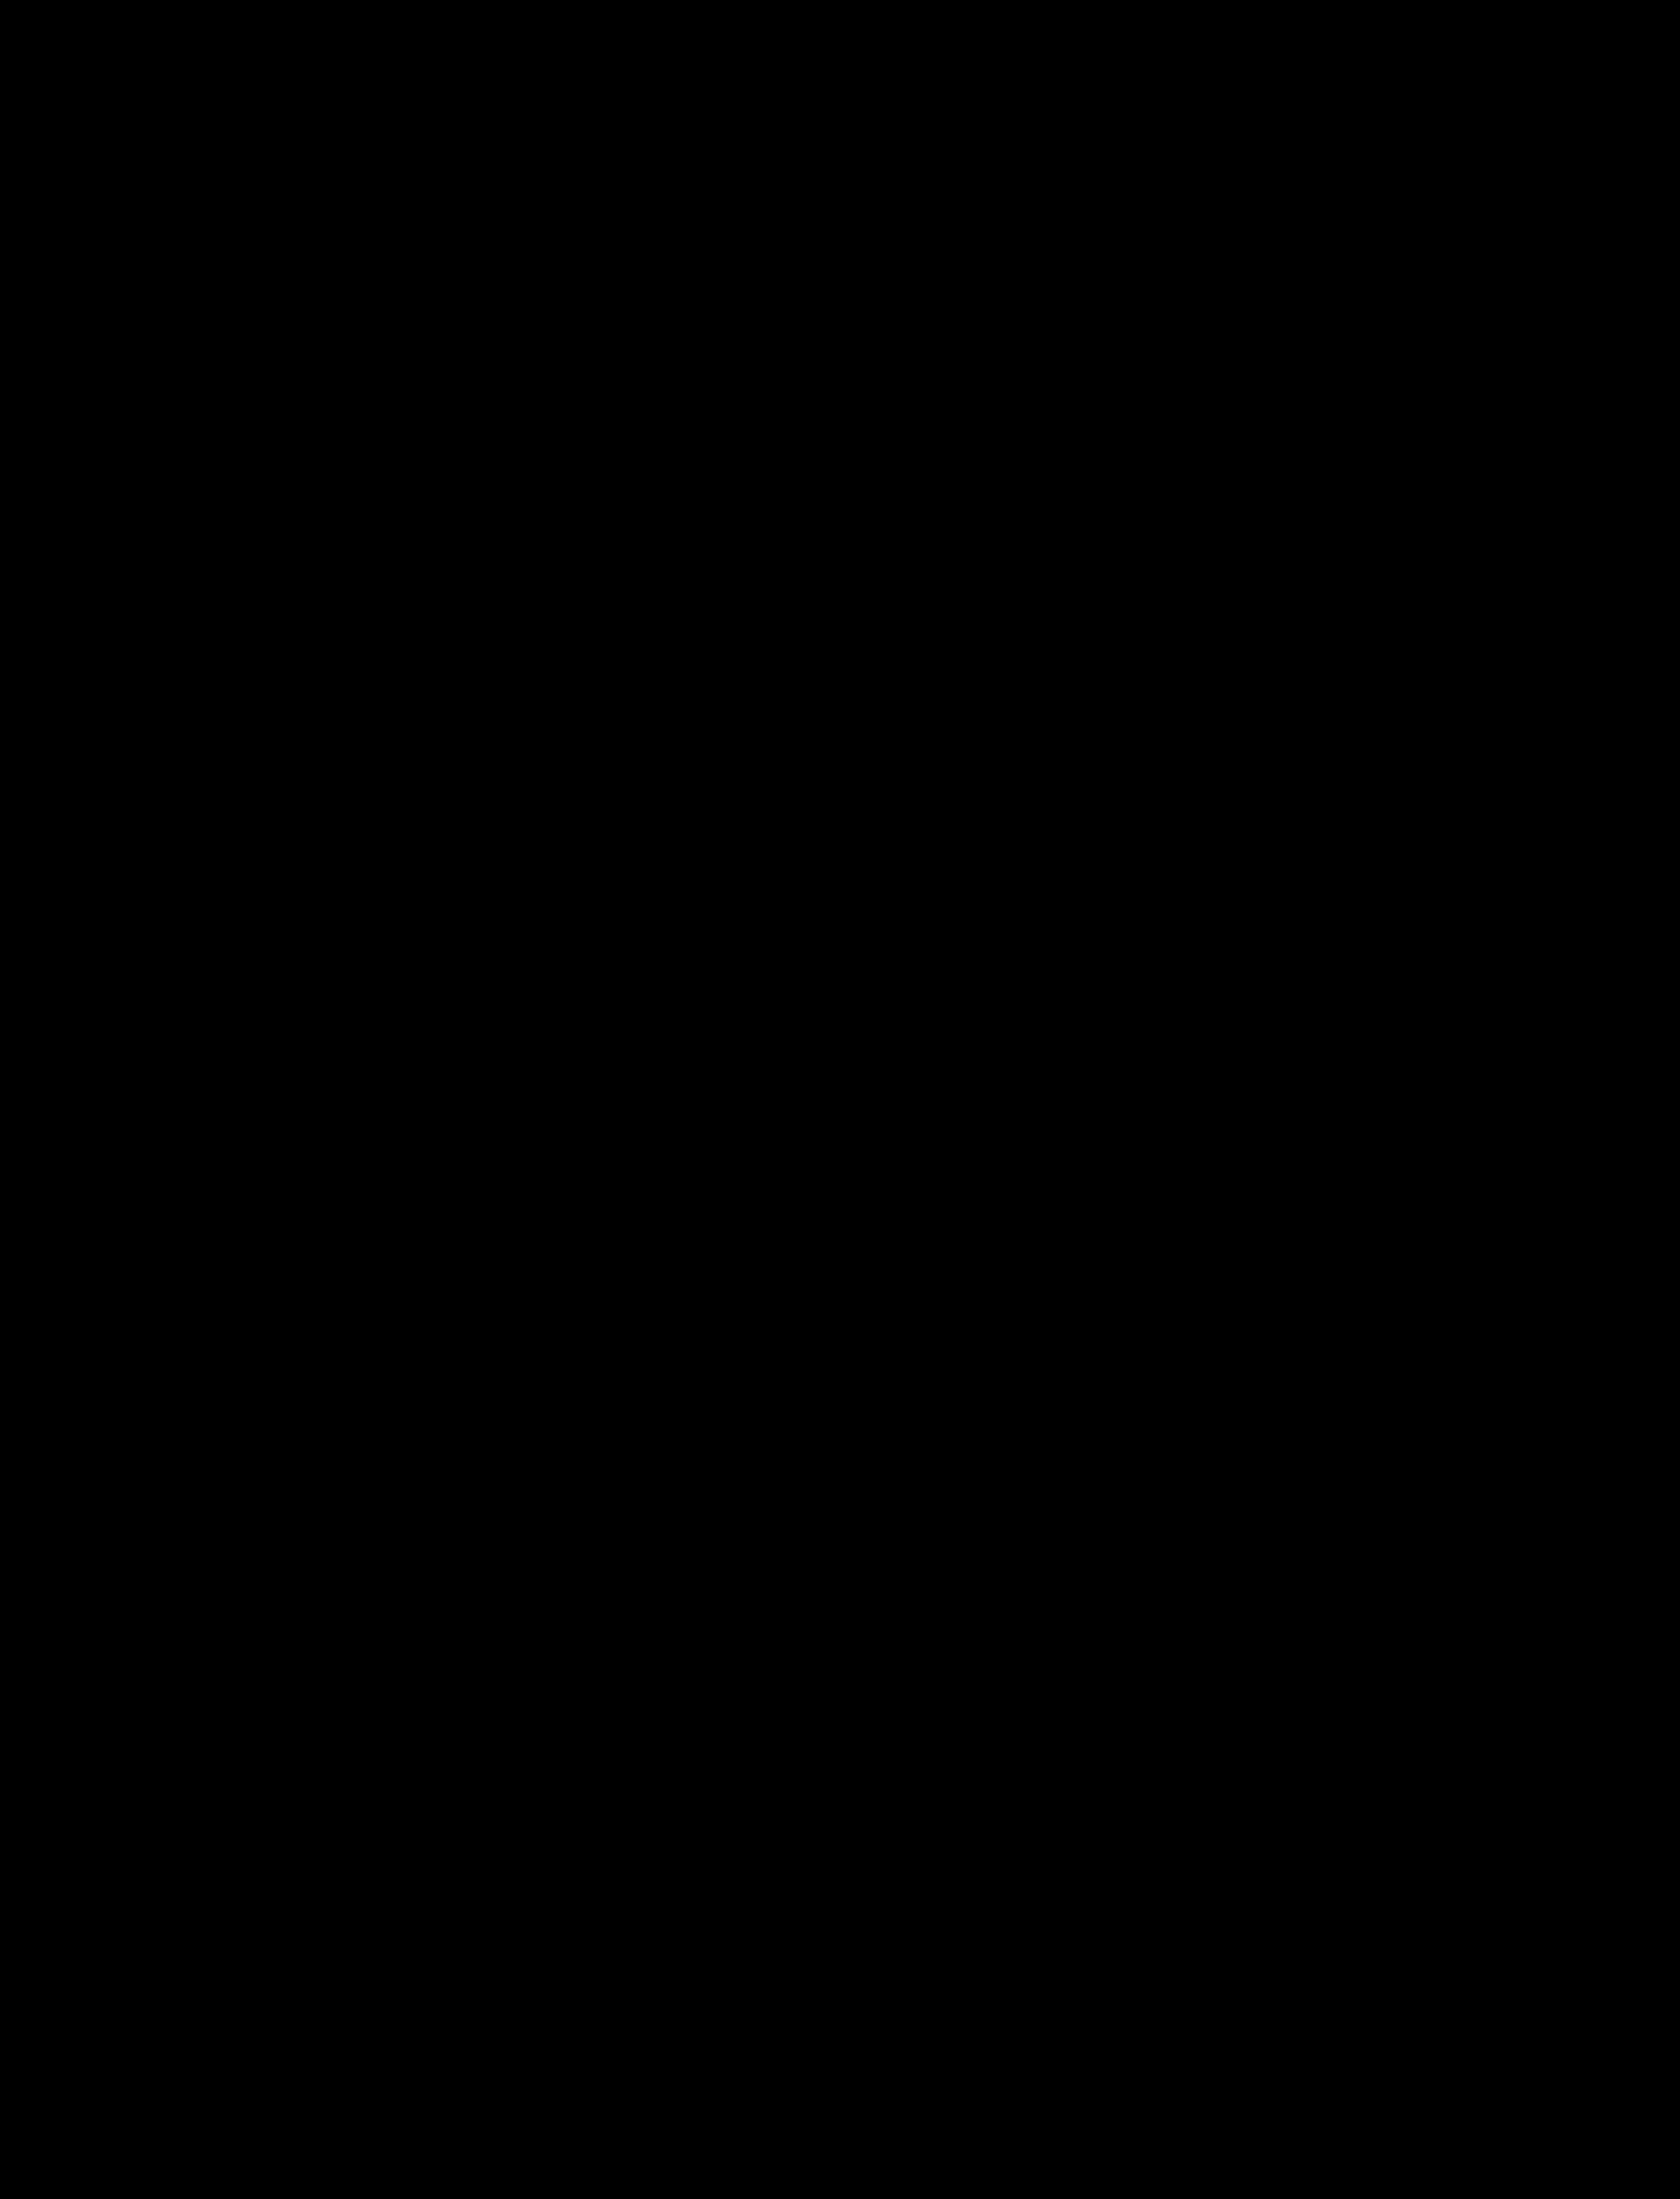 kart over norge jpg Fil:Kart over jernbaner i Norge, Sverige og Danmark (1897).  kart over norge jpg